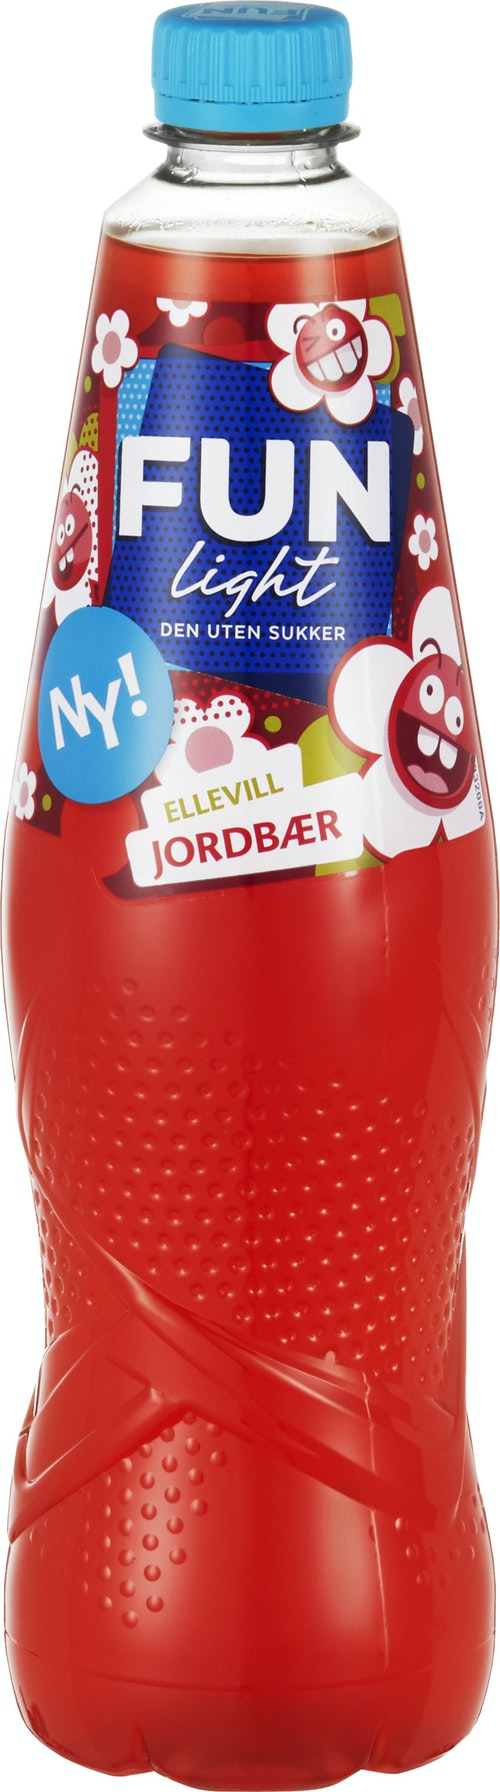 Fun Light Jordbær 0,8 l